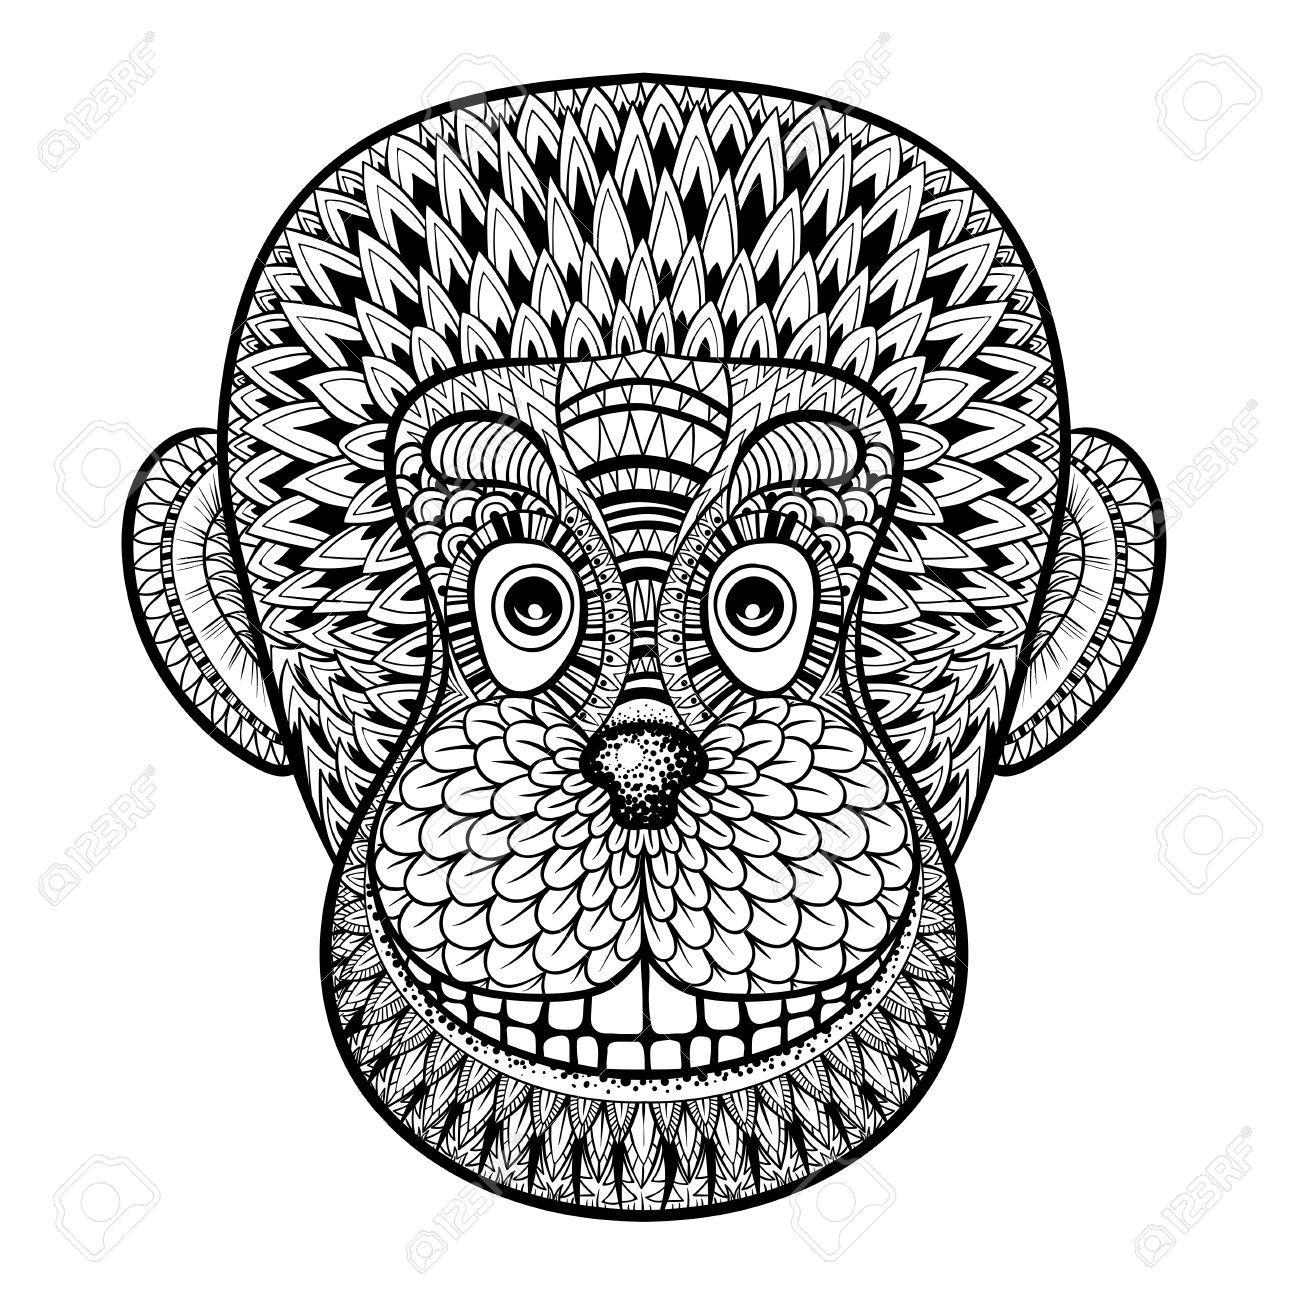 Malvorlagen Mit Dem Kopf Eines Affen, Gorilla, Zentangle ...